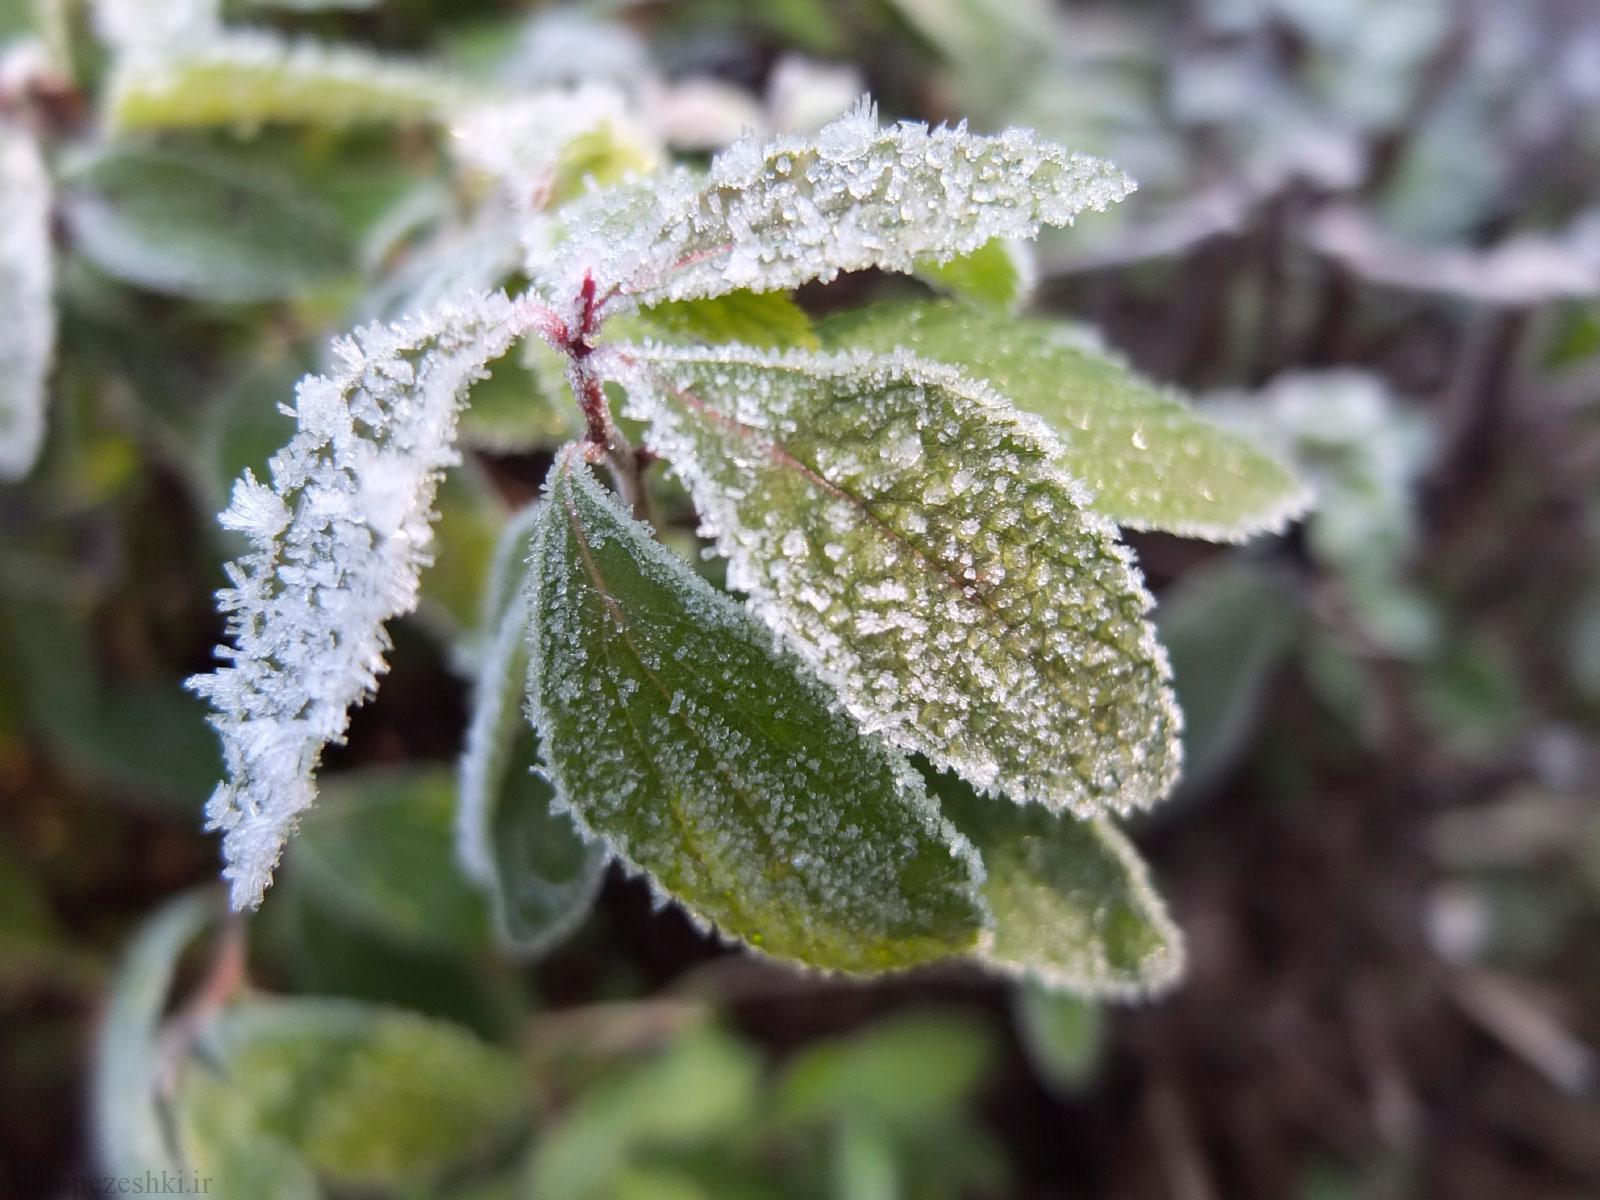 آیا گیاهانی که دچار سرمازدگی می شوند با راهکارهای تغذیه ای قابل برگشت هستند؟